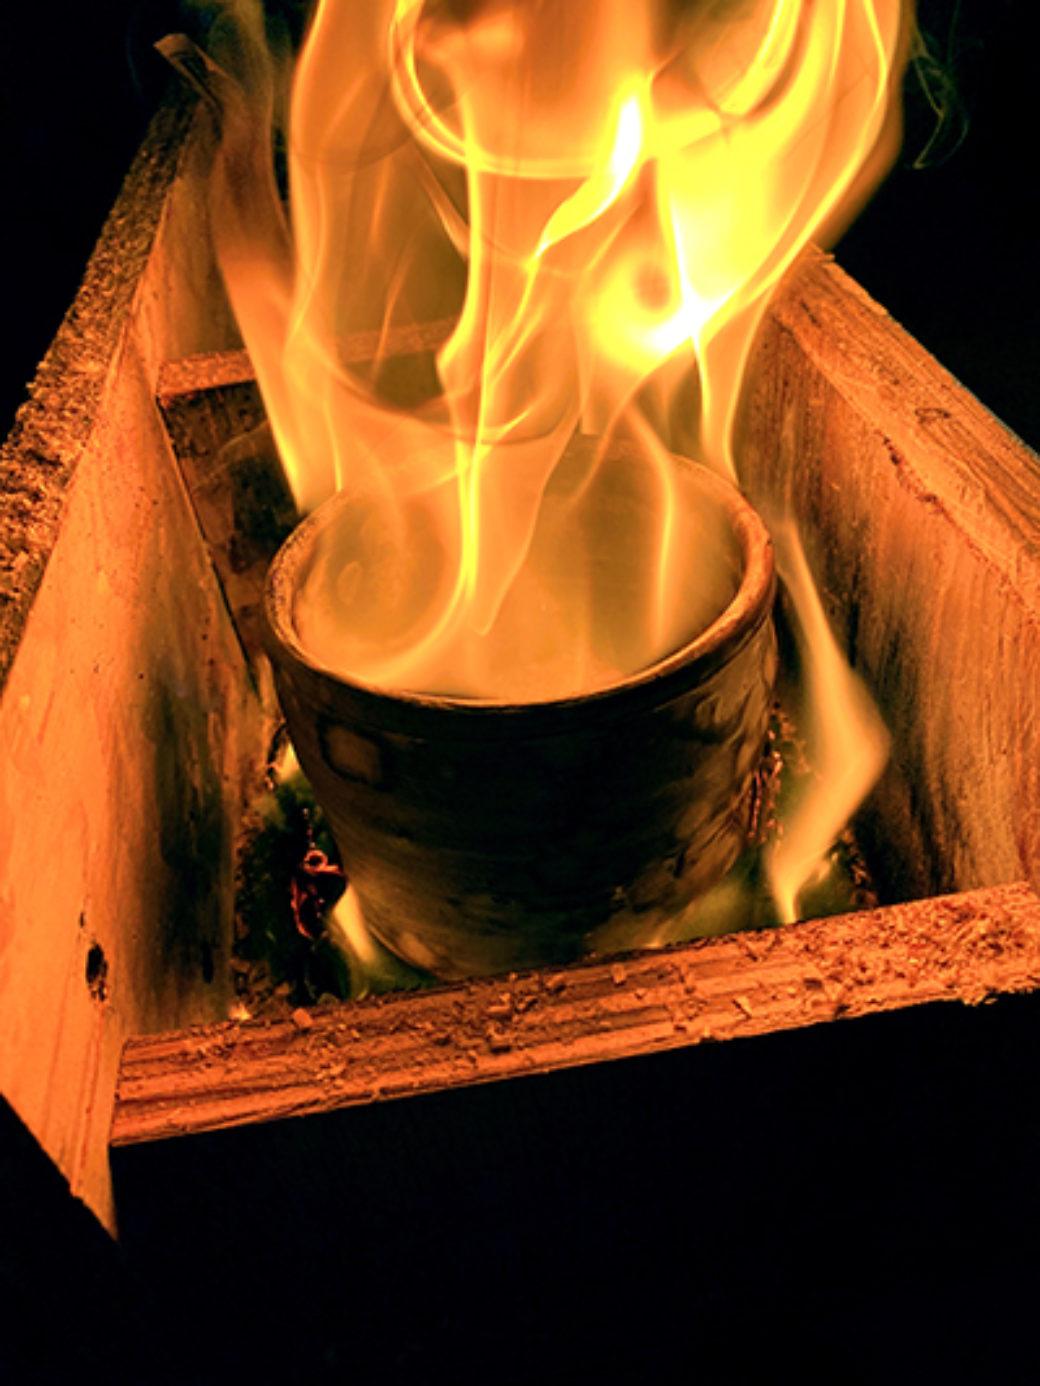 Burningbowl